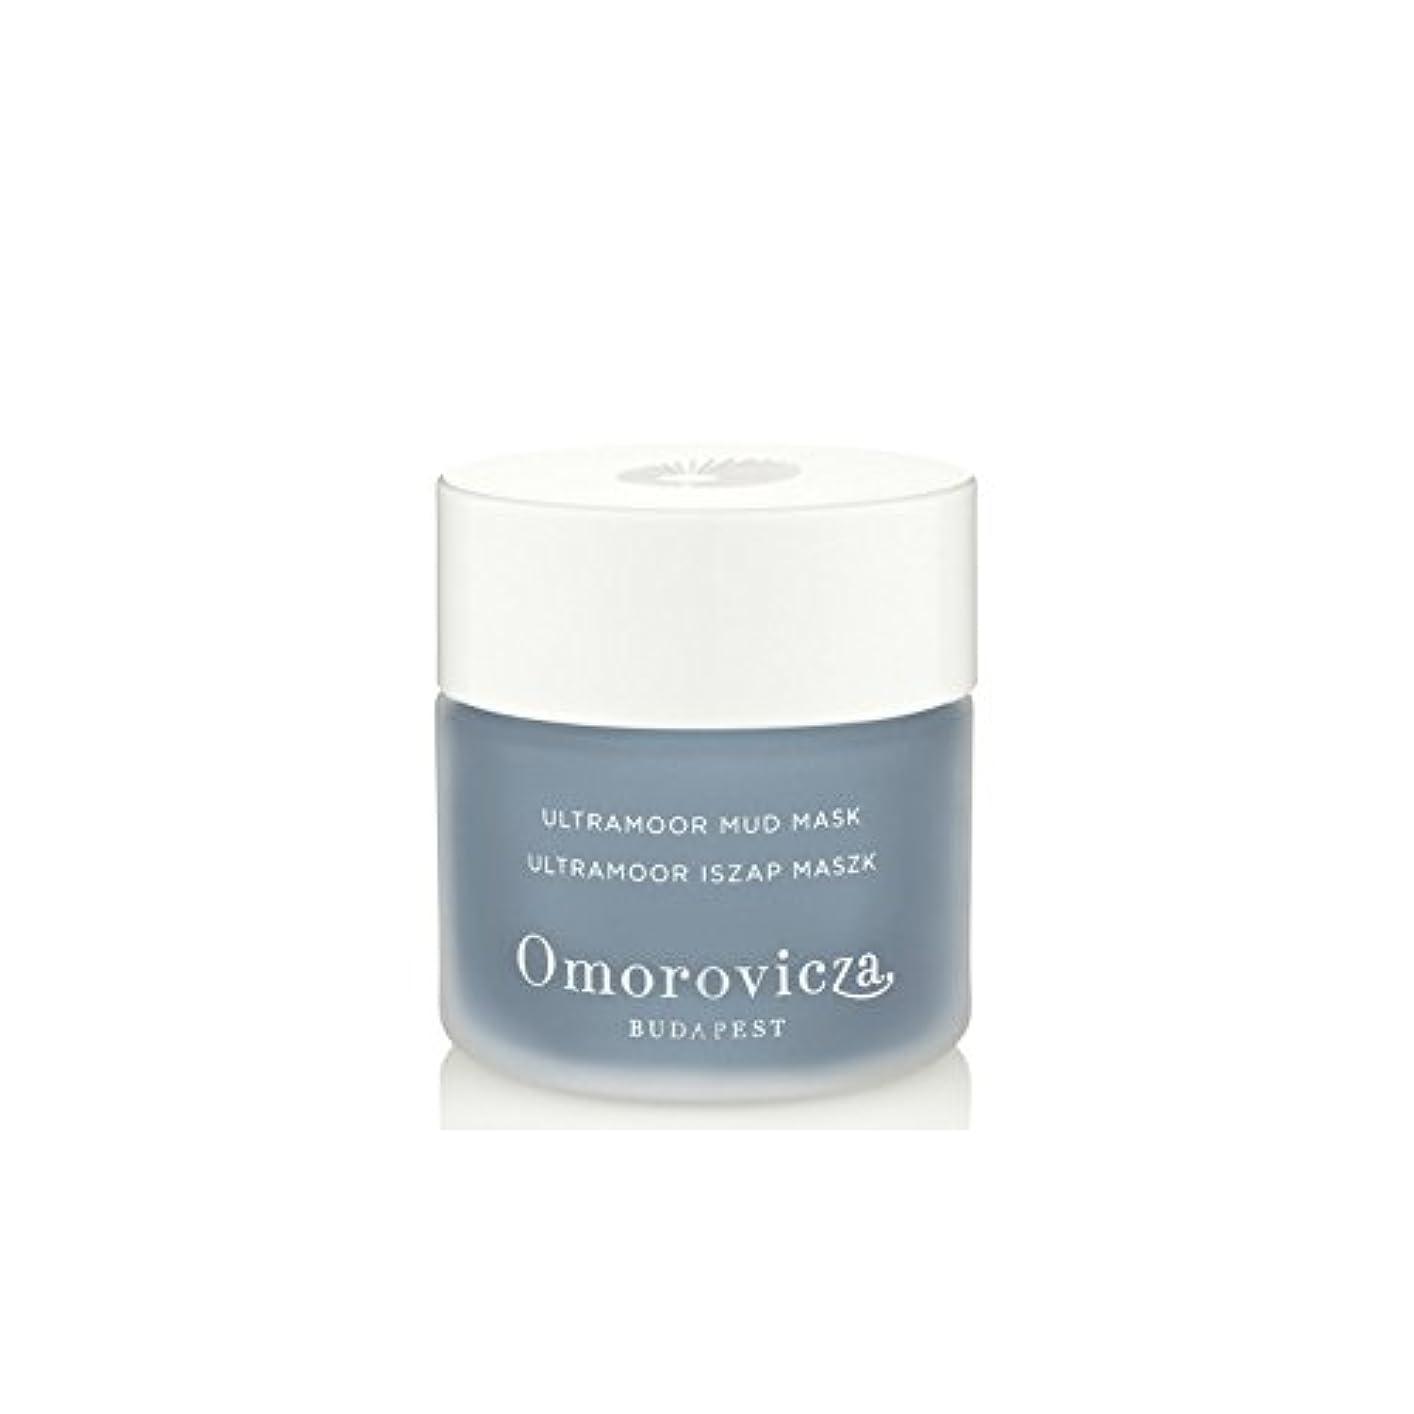 興奮する虫を数える蒸留泥マスク(50ミリリットル) x2 - Omorovicza Ultramoor Mud Mask (50ml) (Pack of 2) [並行輸入品]